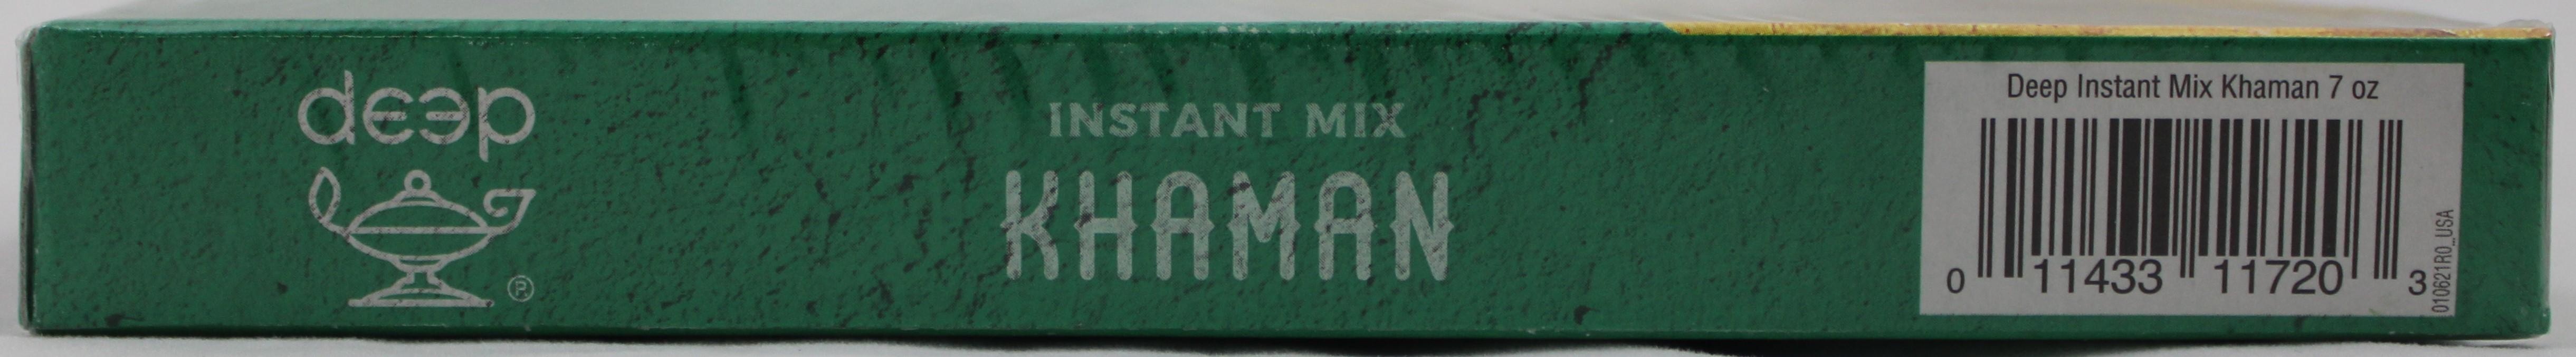 Khaman Mix 7oz